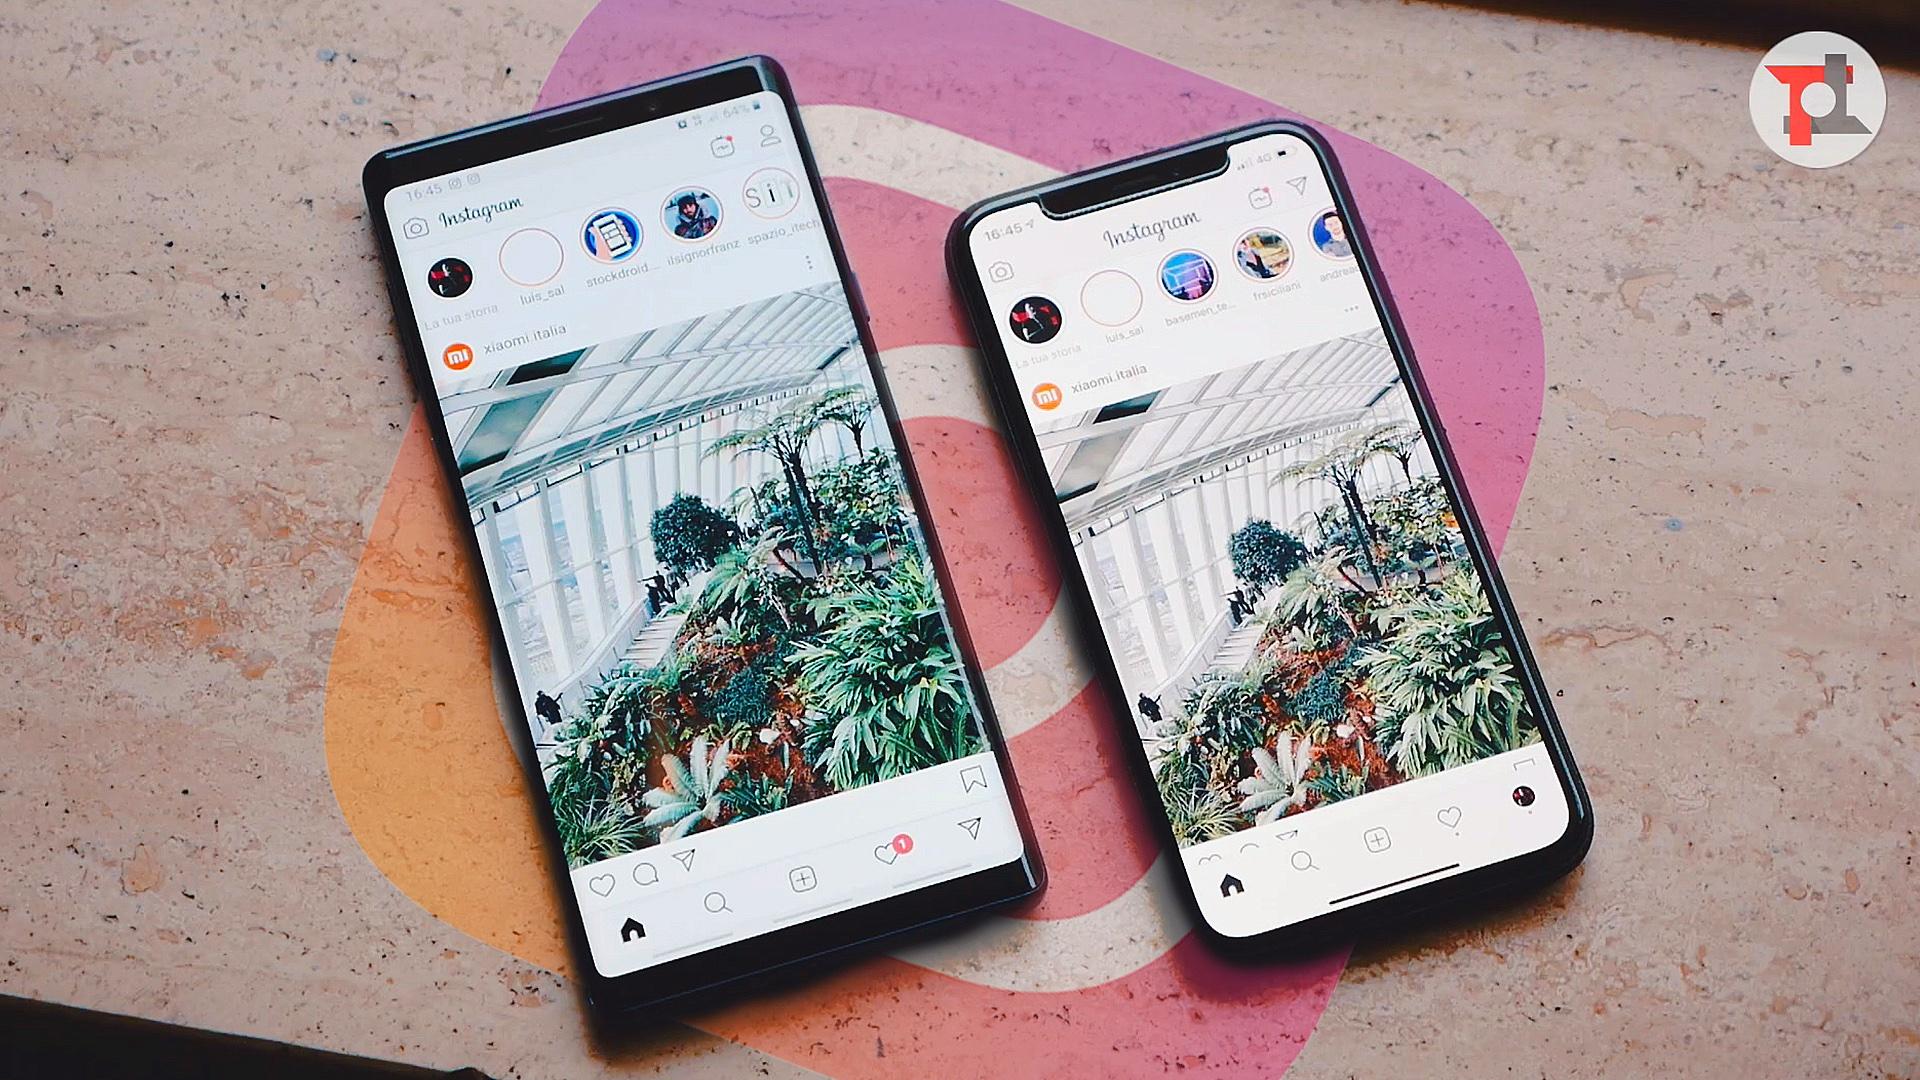 Instagram Funziona Meglio Su Iphone O Su Android Ecco Tutte